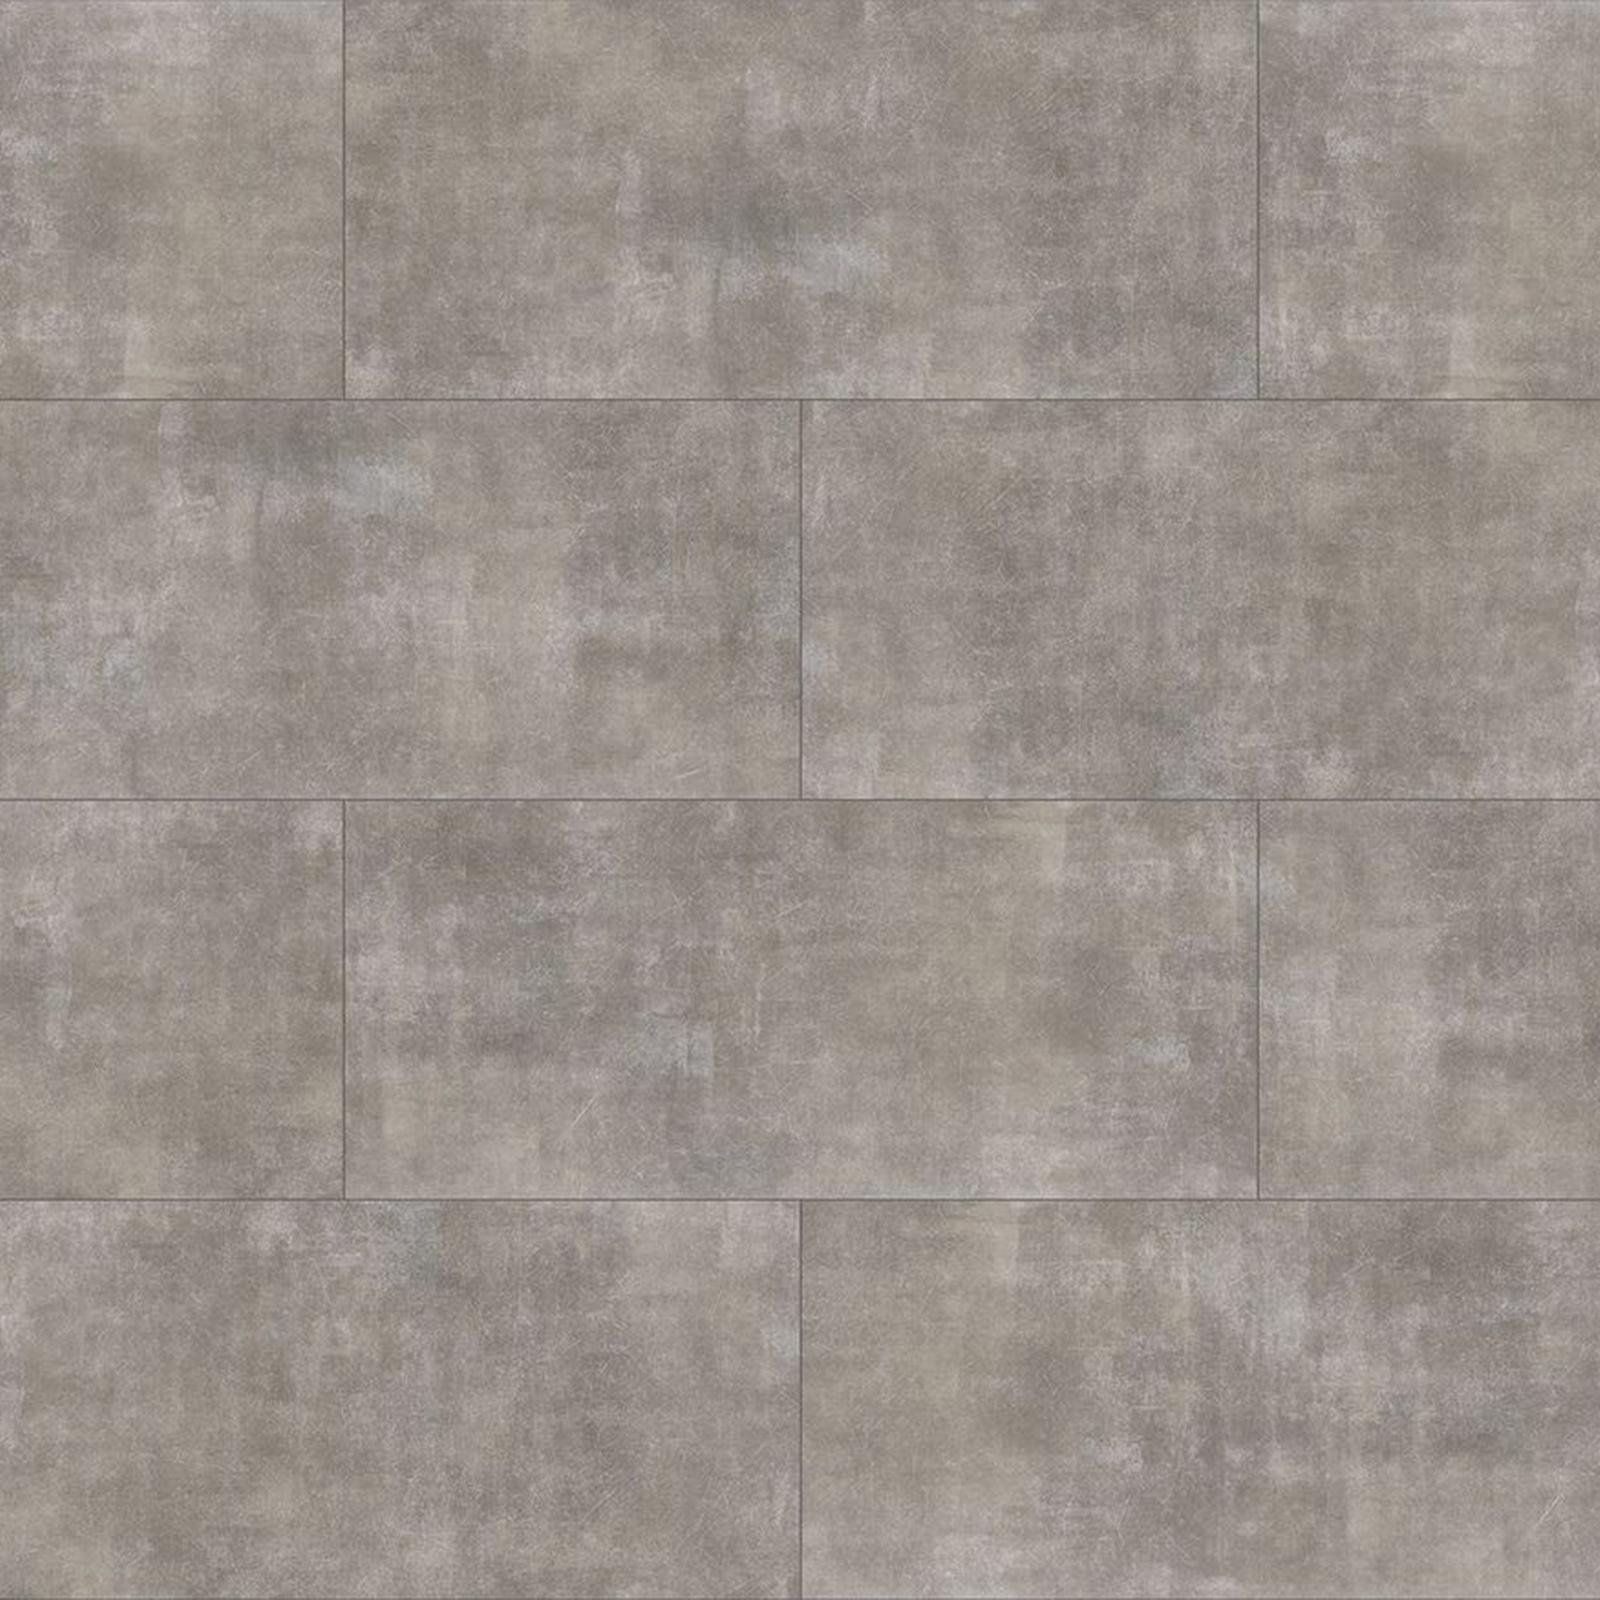 vinylboden pvc klick fliese bodenbelag steinoptik schiefer beton